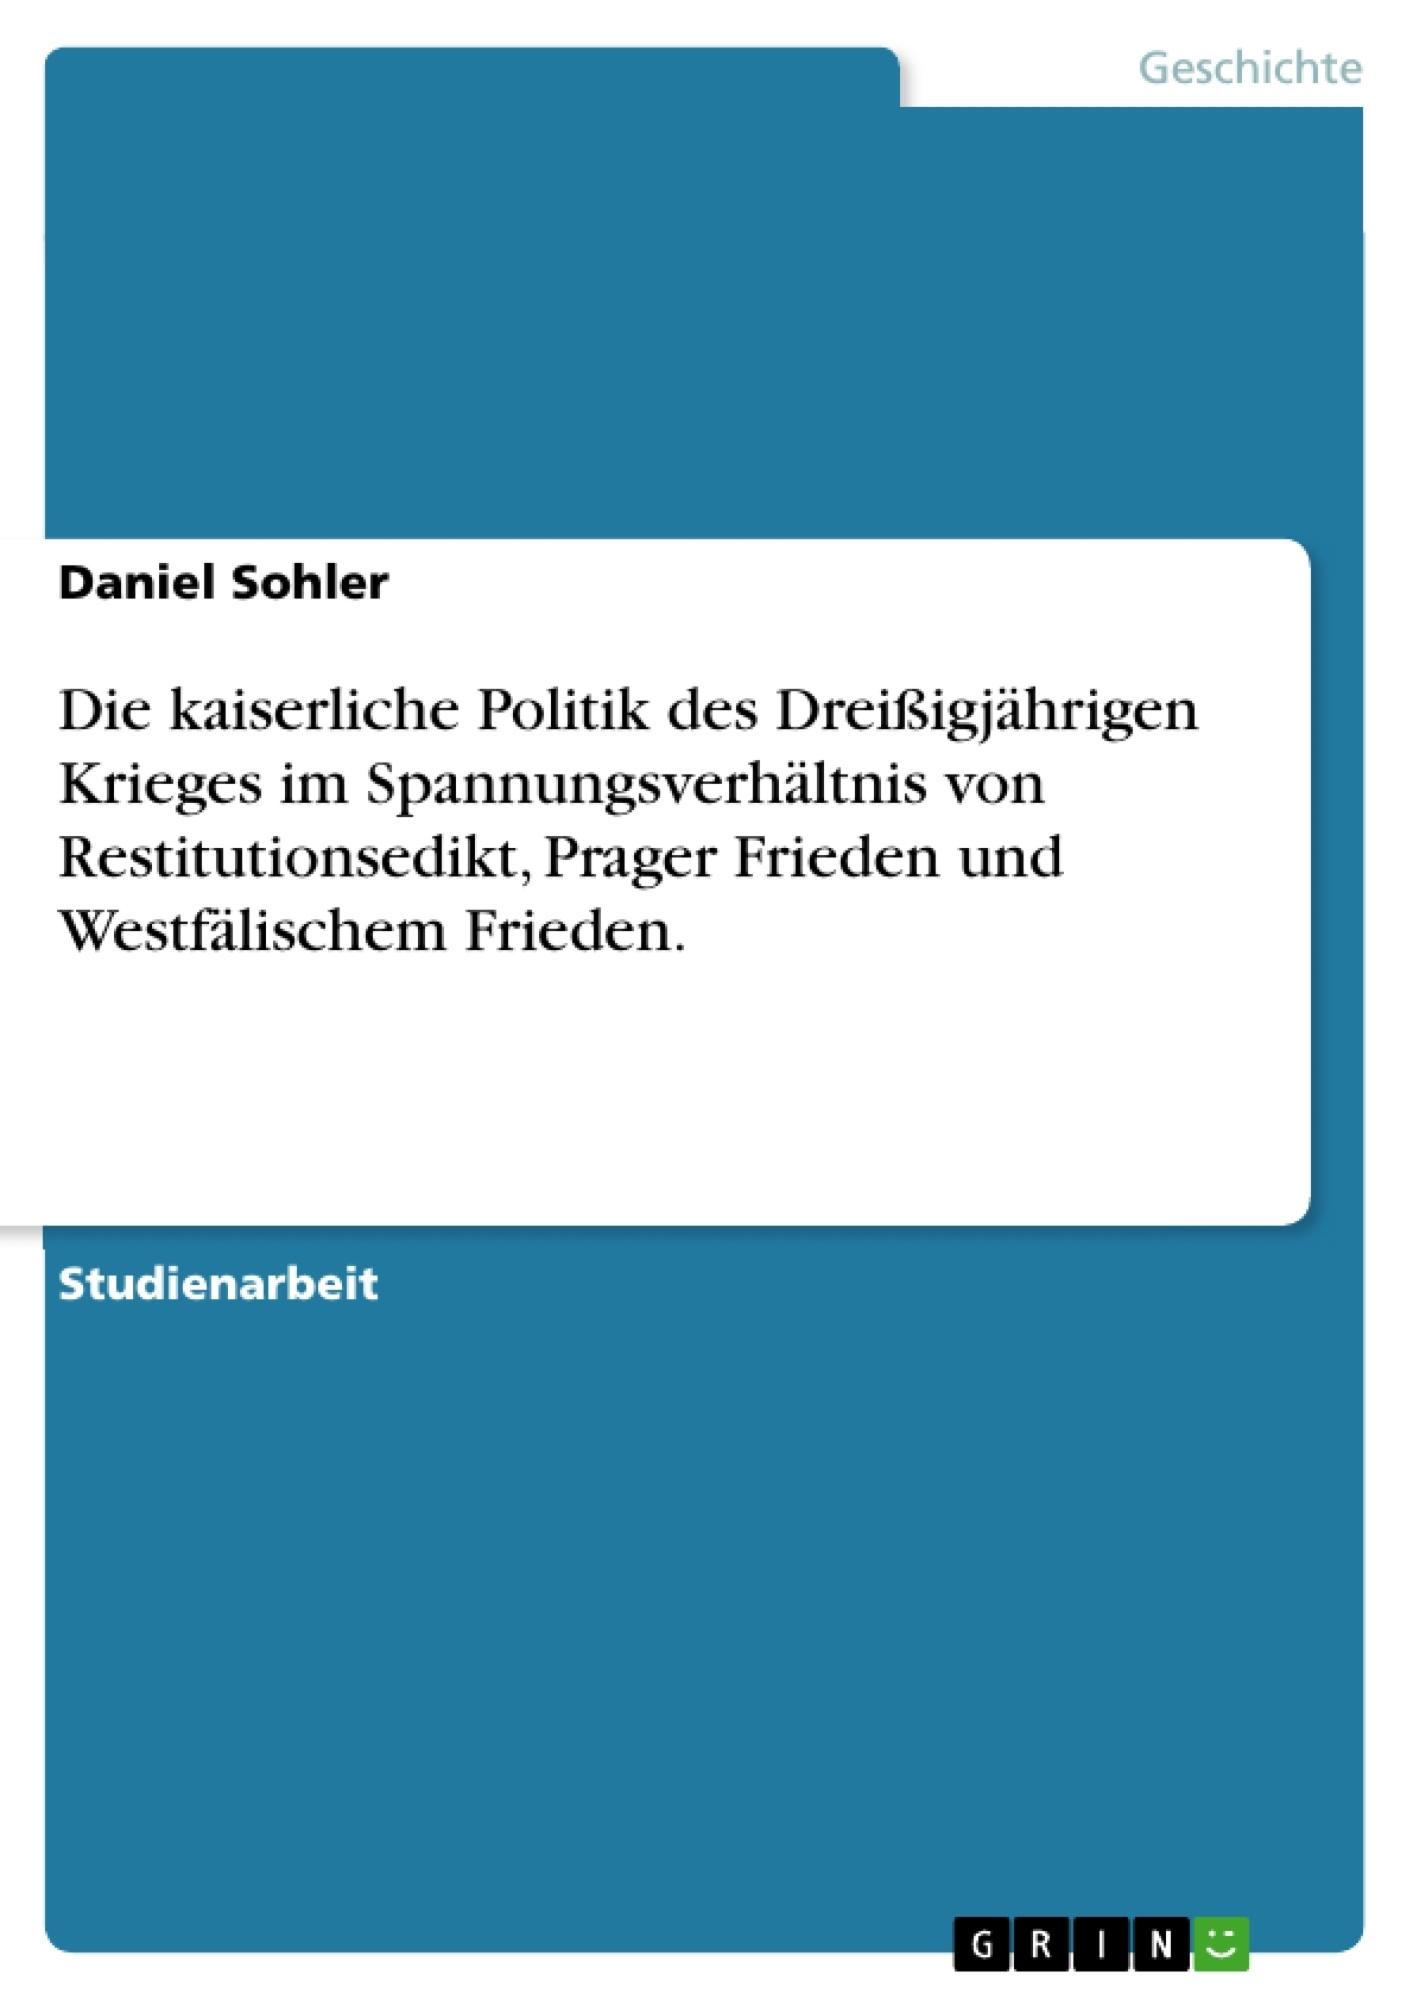 Titel: Die kaiserliche Politik des Dreißigjährigen Krieges im Spannungsverhältnis von Restitutionsedikt, Prager Frieden und Westfälischem Frieden.